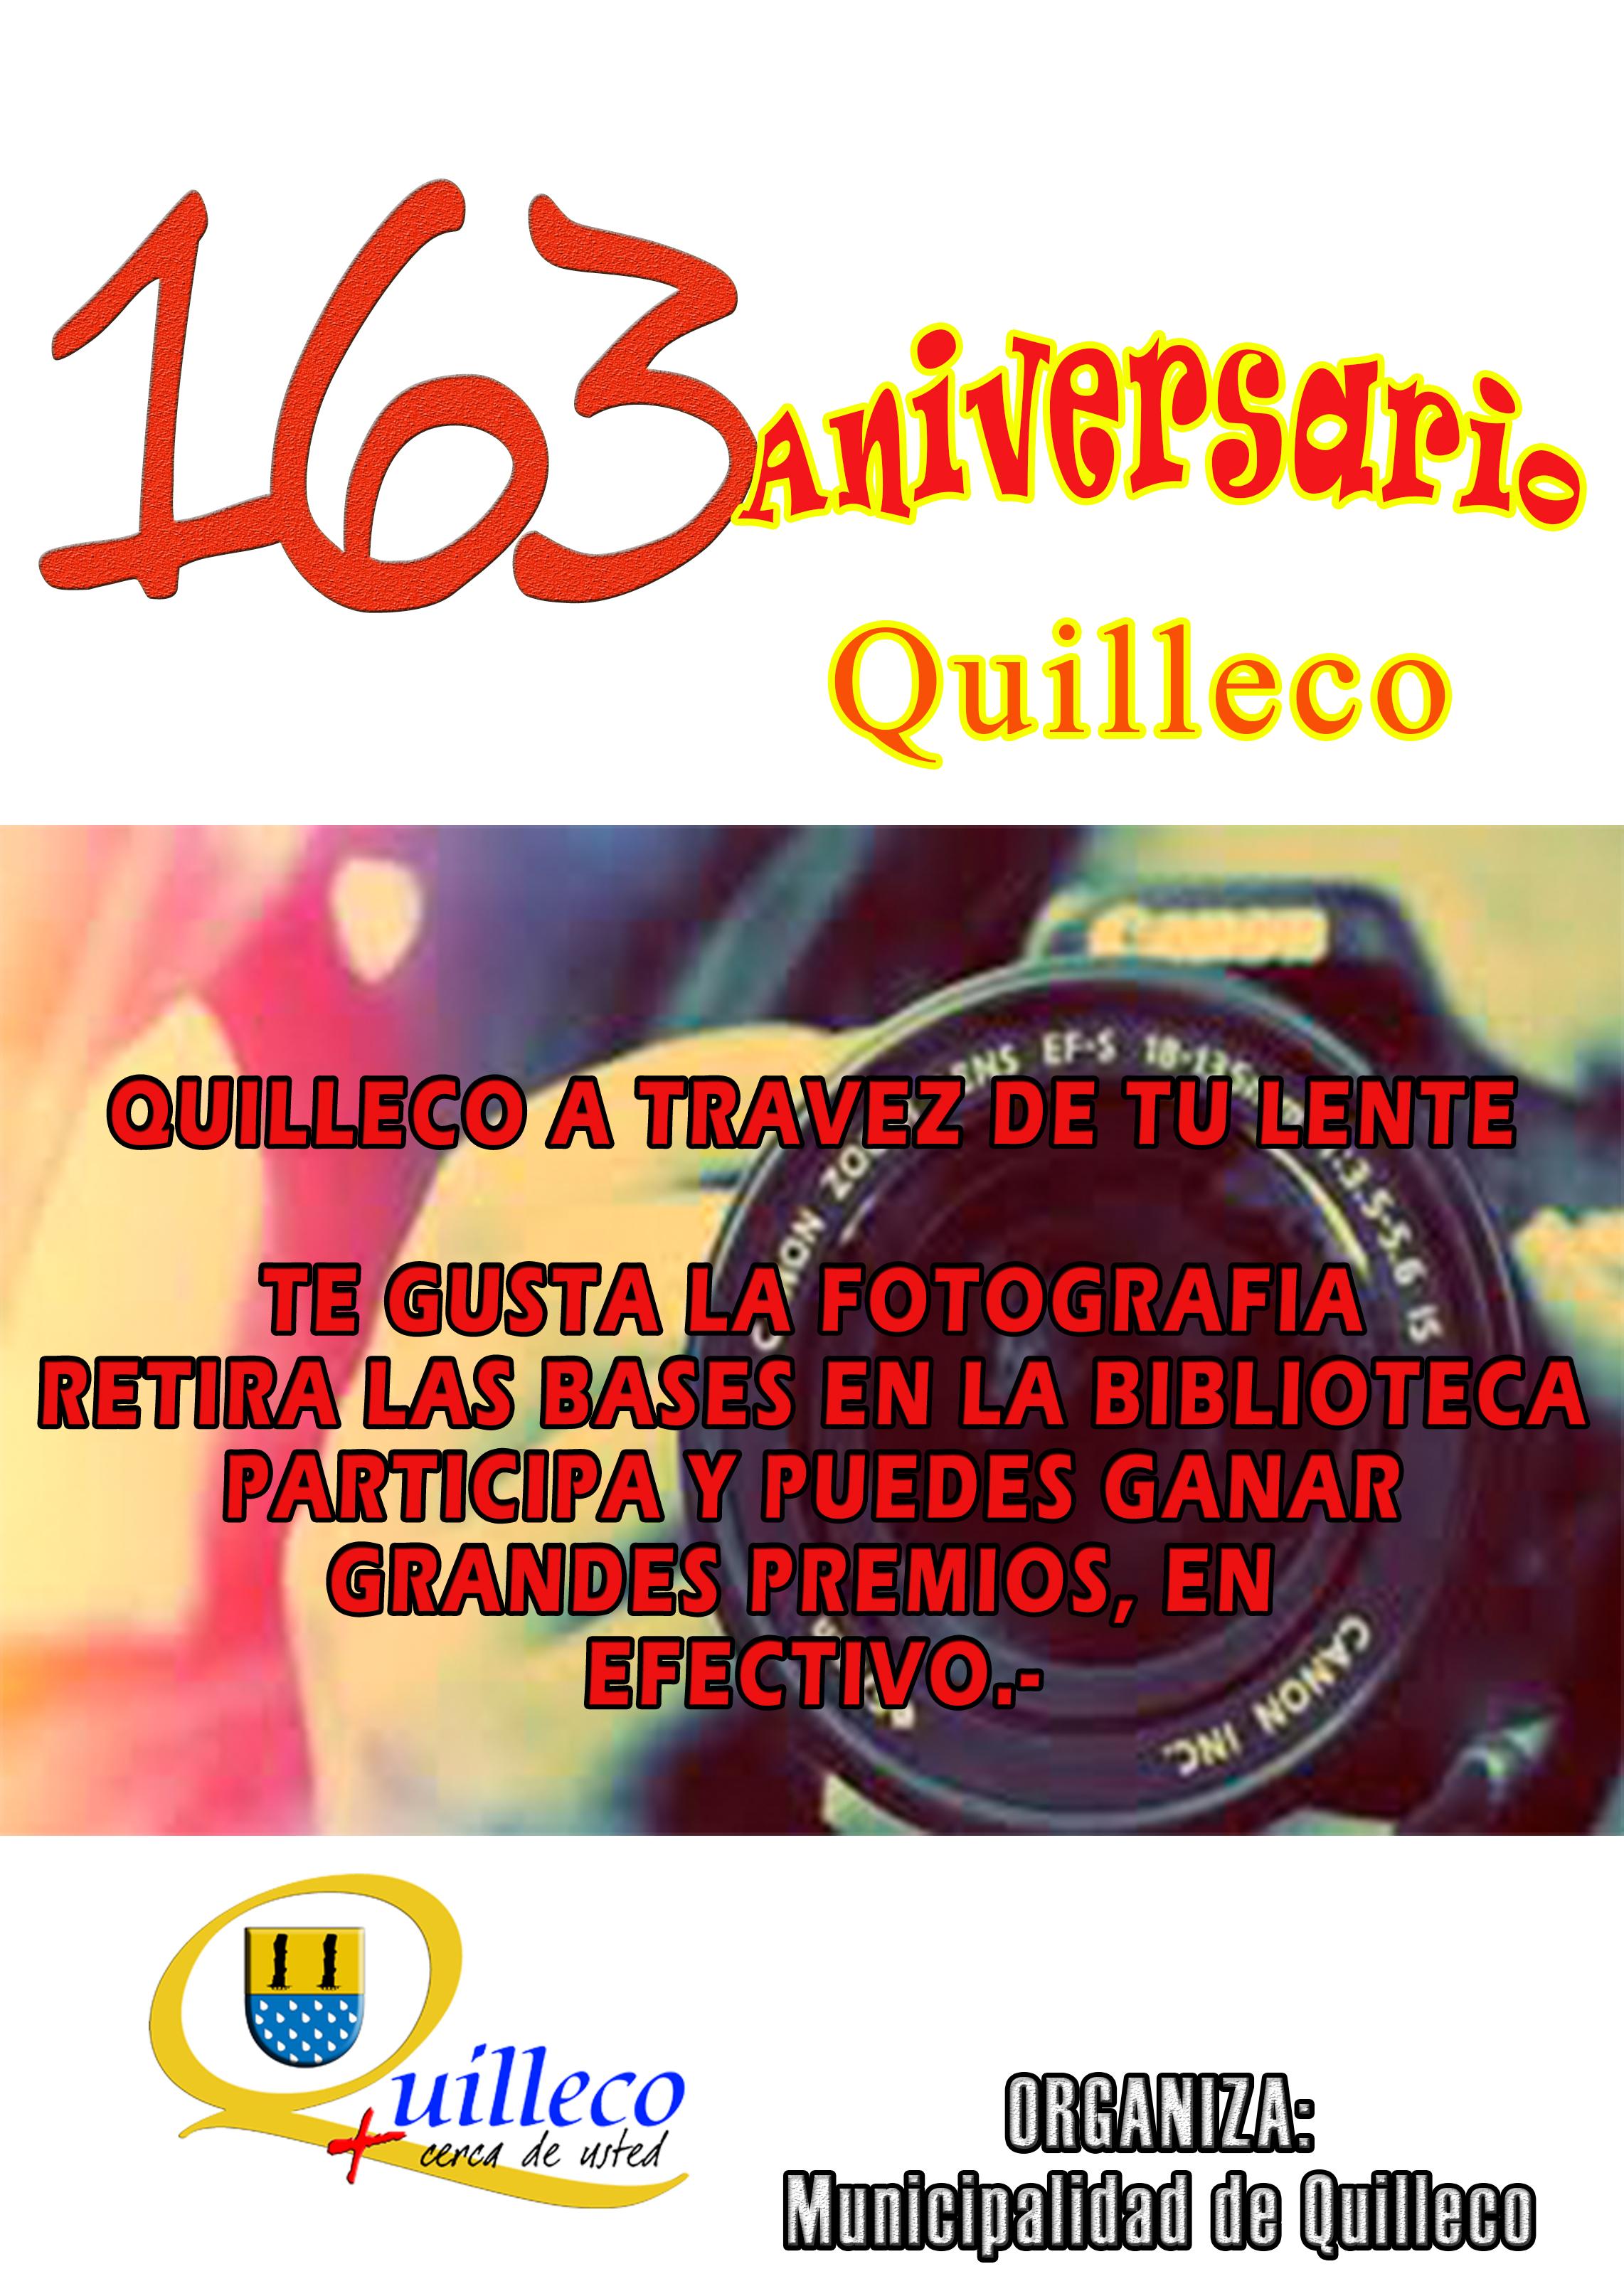 2º Concurso de Fotografia  – CONCURSO ANIVERSARIO 163 QUILLECO